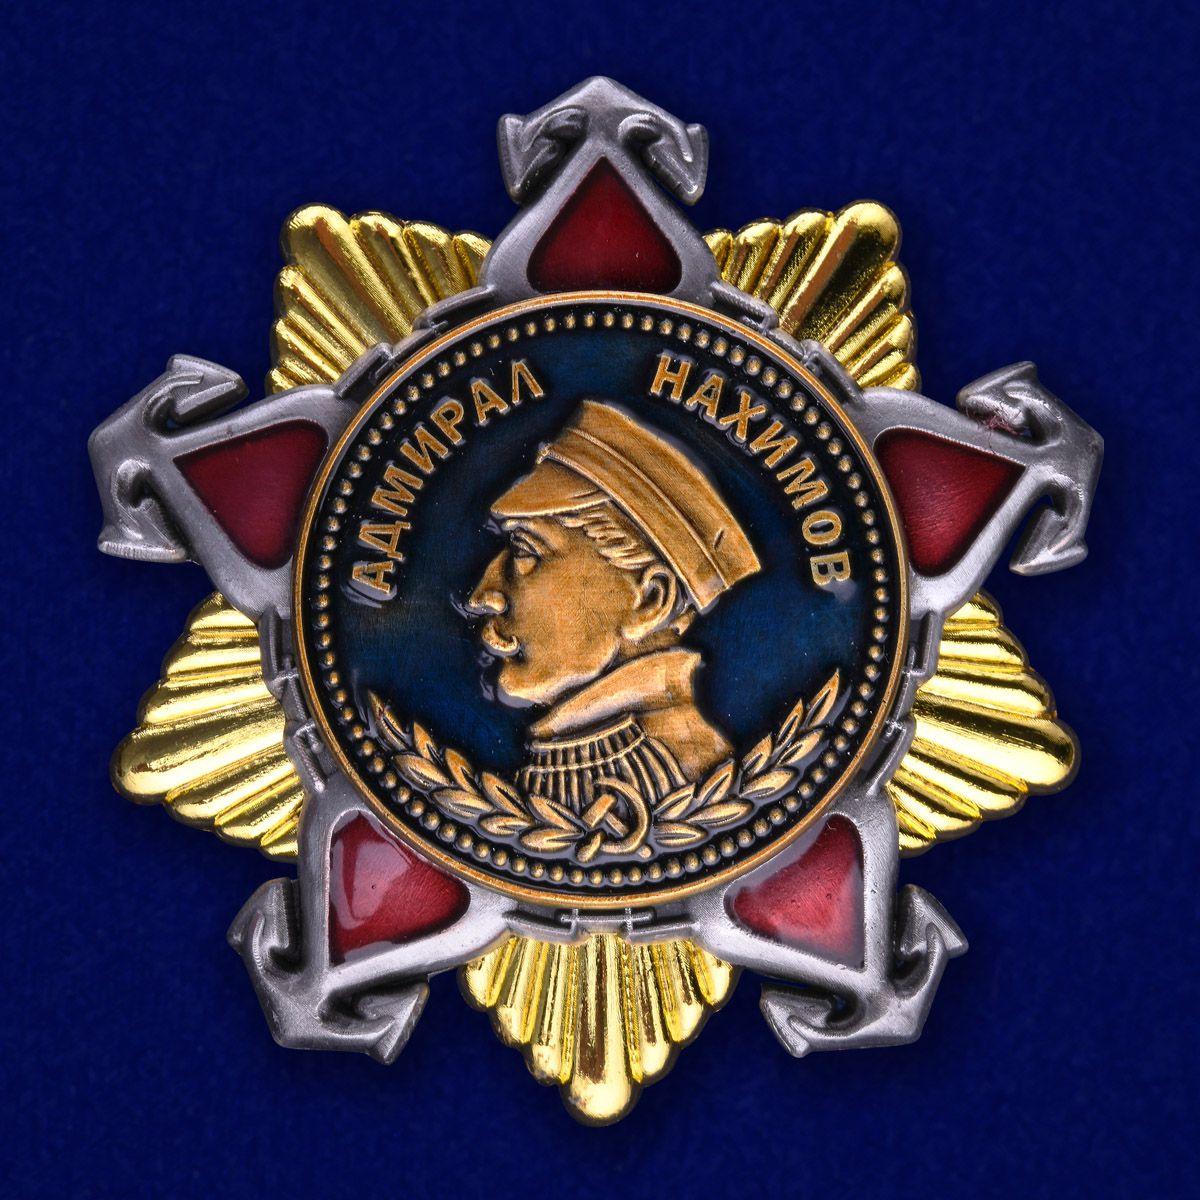 Орден Нахимова 1 степени